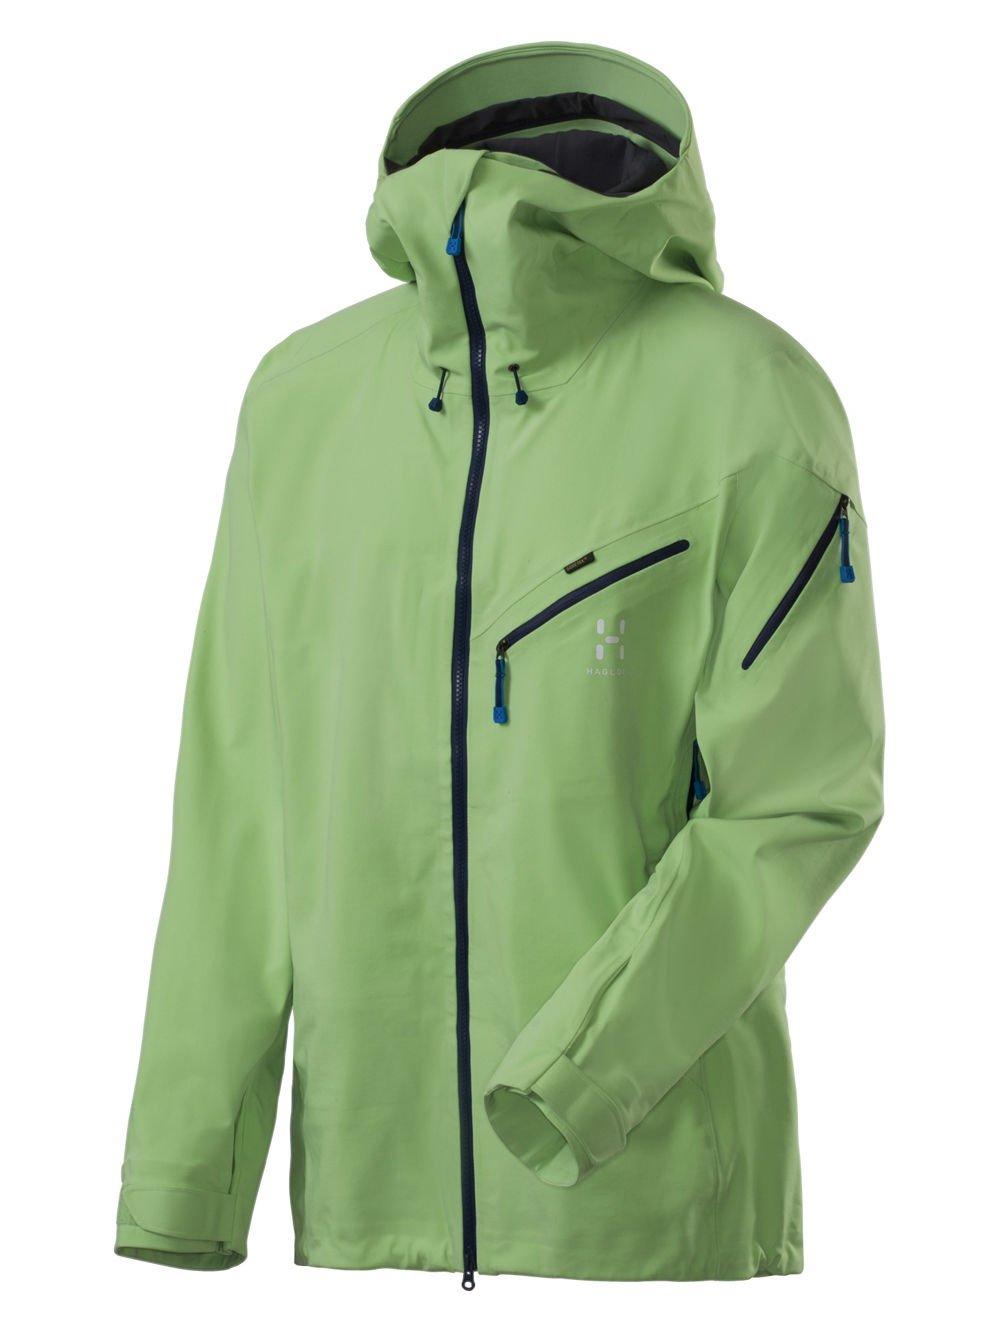 Herren Bergsportjacke / Tourenjacke / Freeride-Jacke Couloir Pro Jacket günstig bestellen